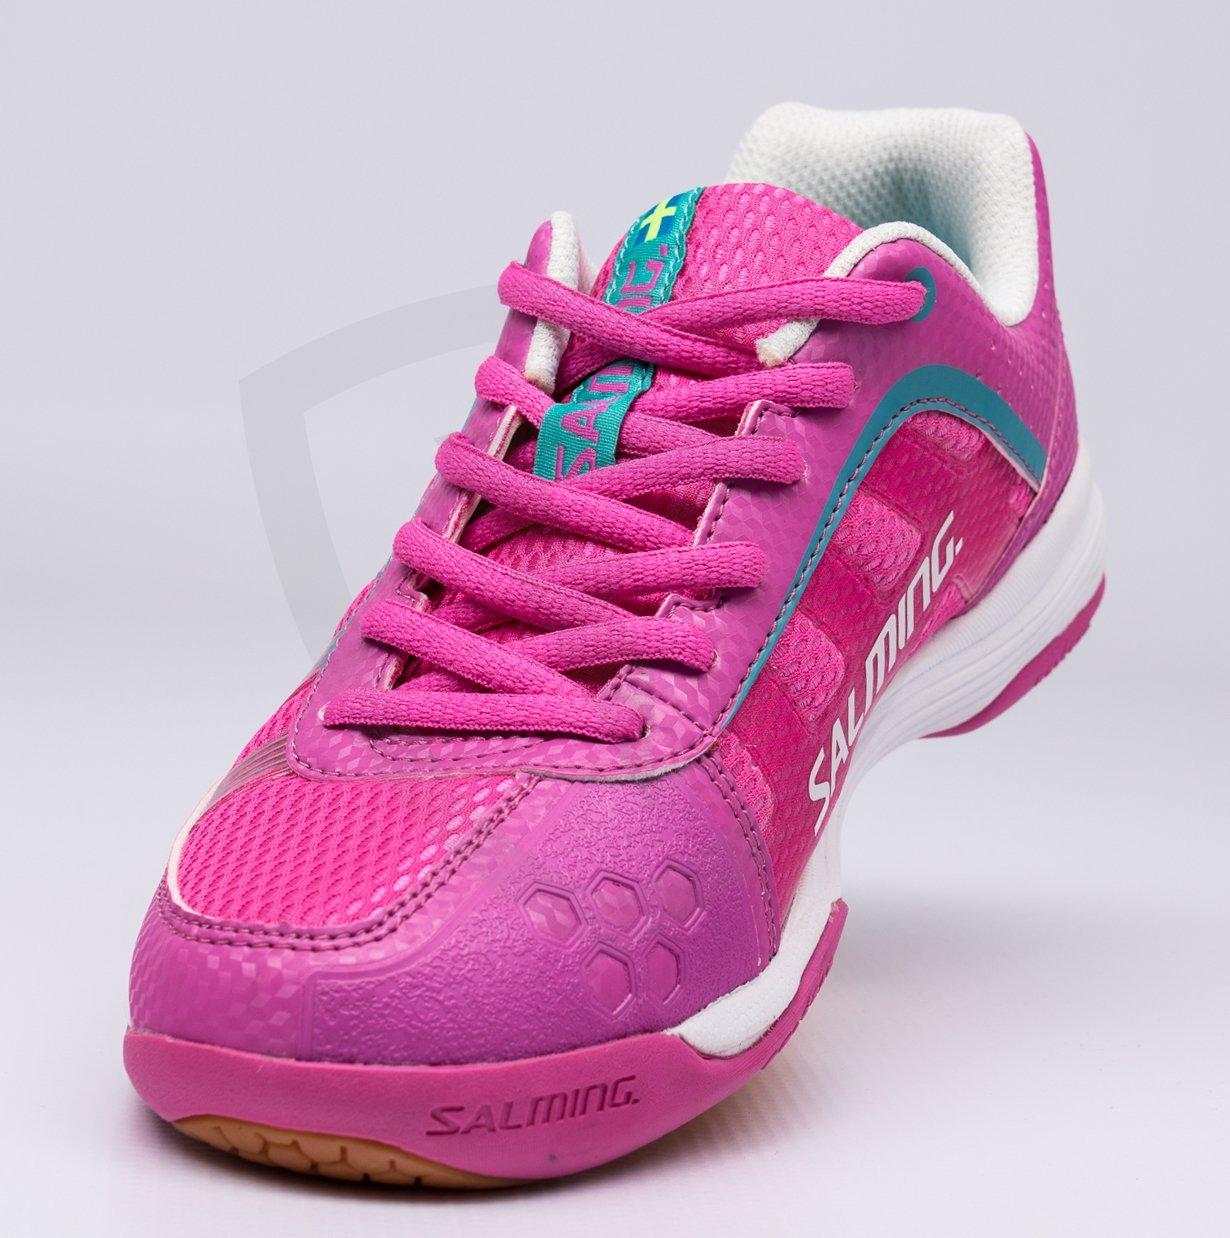 b3a379539e32a ... SALMING ADDER WOMEN Pink Zväčšiť fotografiu